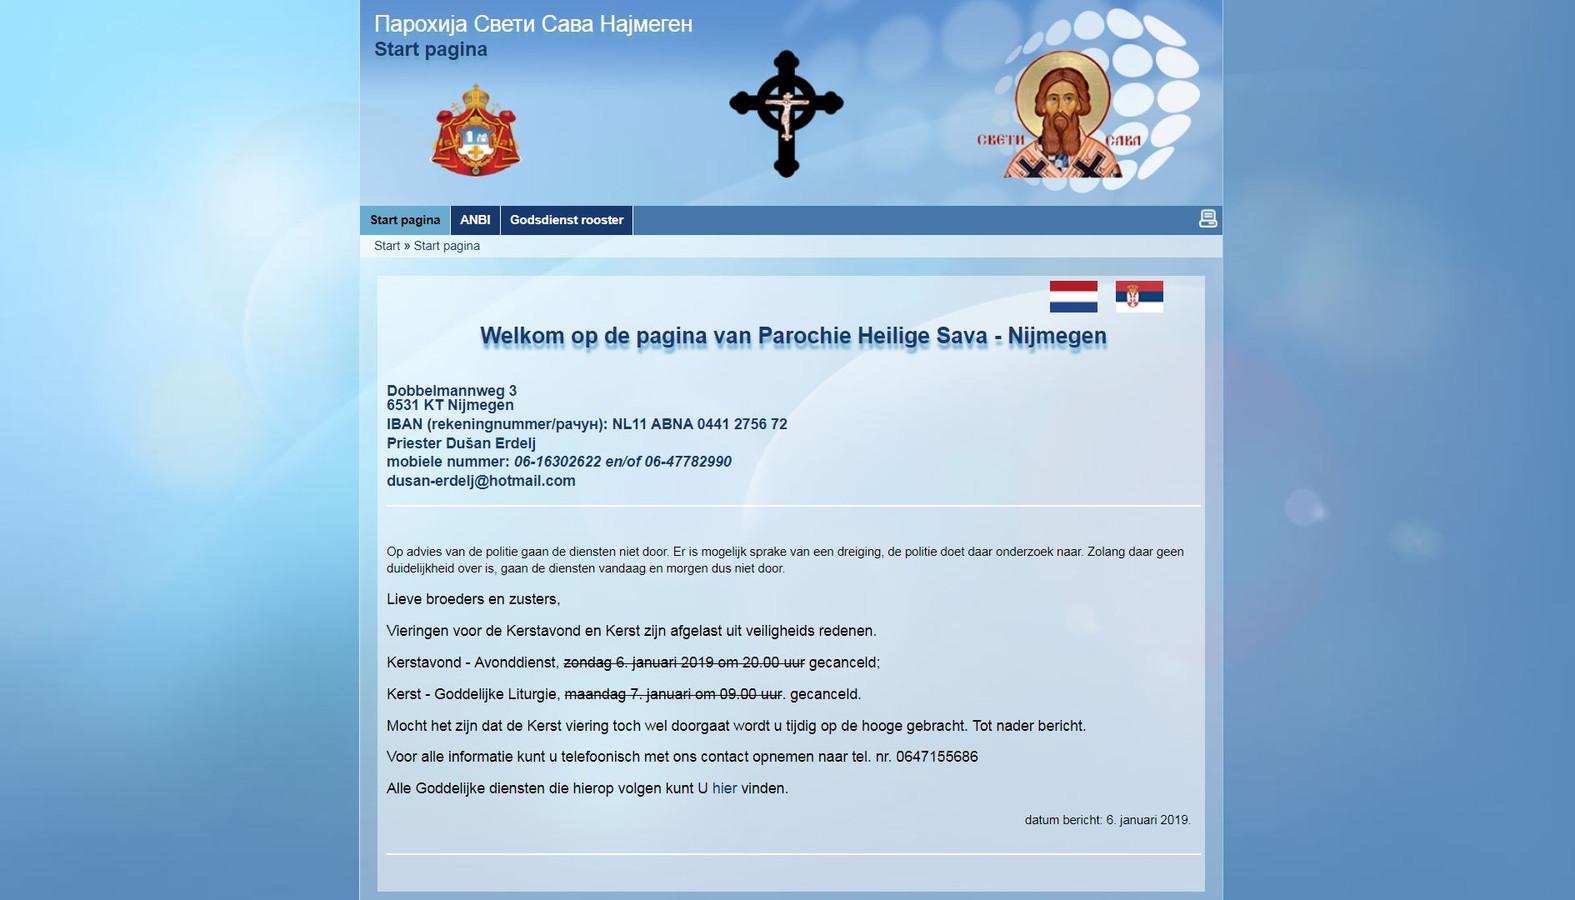 De mededeling van de Servisch-orthodoxe kerk. De diensten van vanavond en morgen gaan niet door omdat er mogelijk sprake zou zijn van een dreiging.